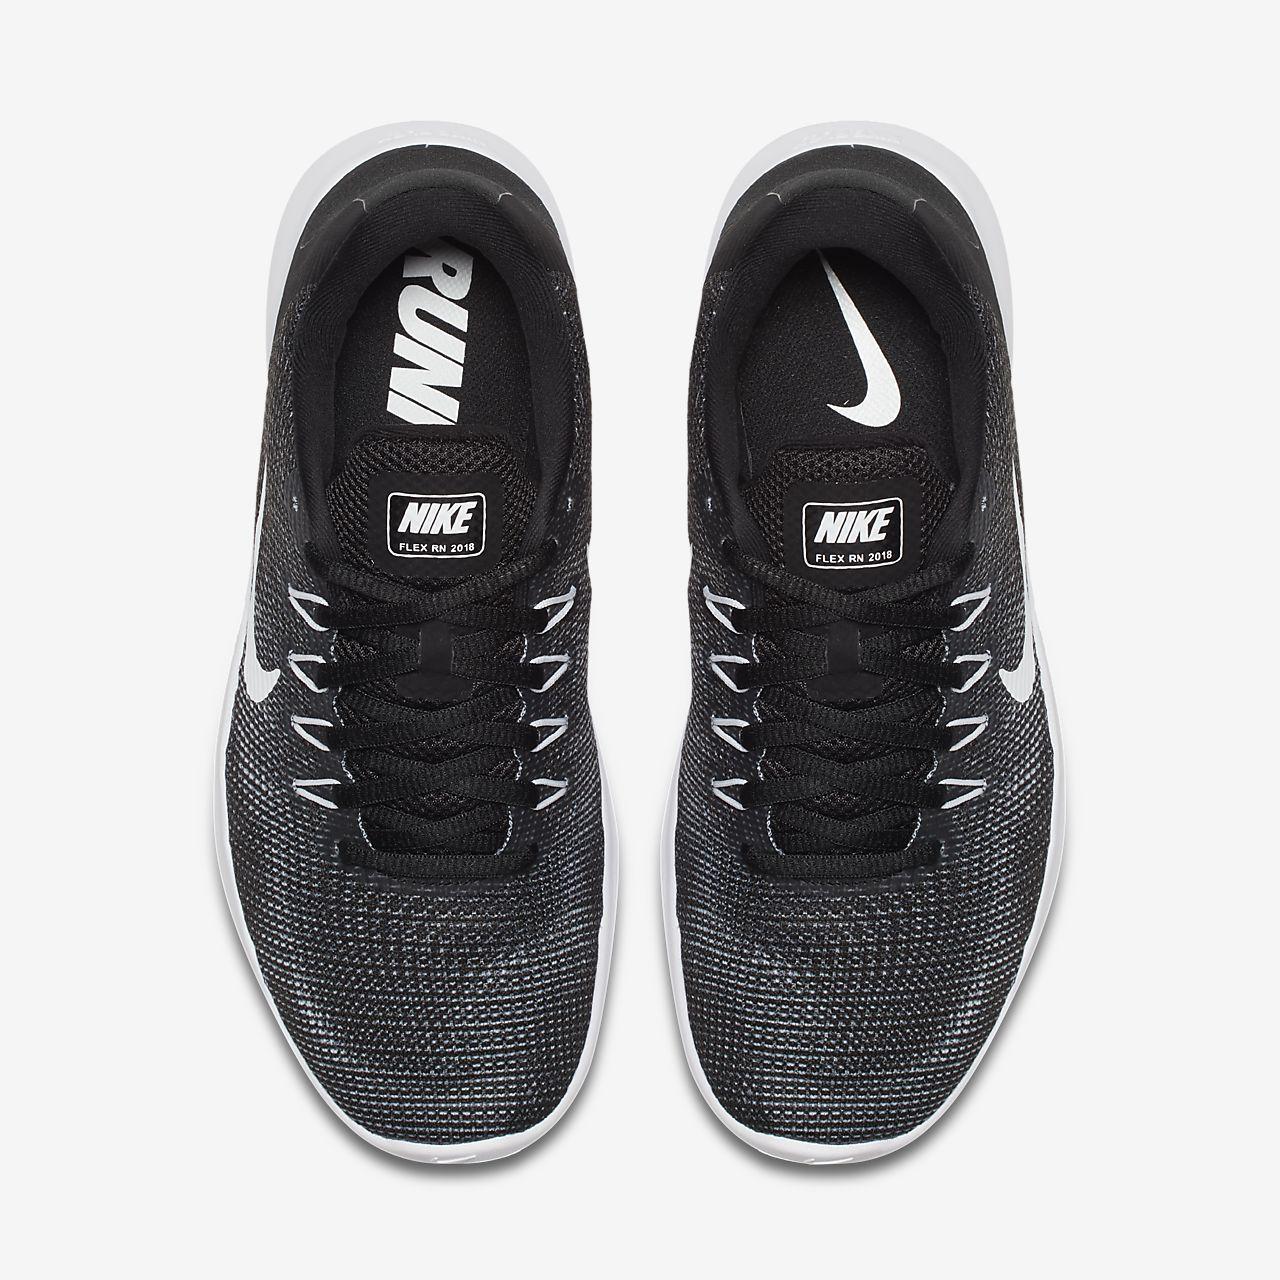 online retailer 9716e b6d85 ... Chaussure de running Nike Flex RN 2018 pour Femme